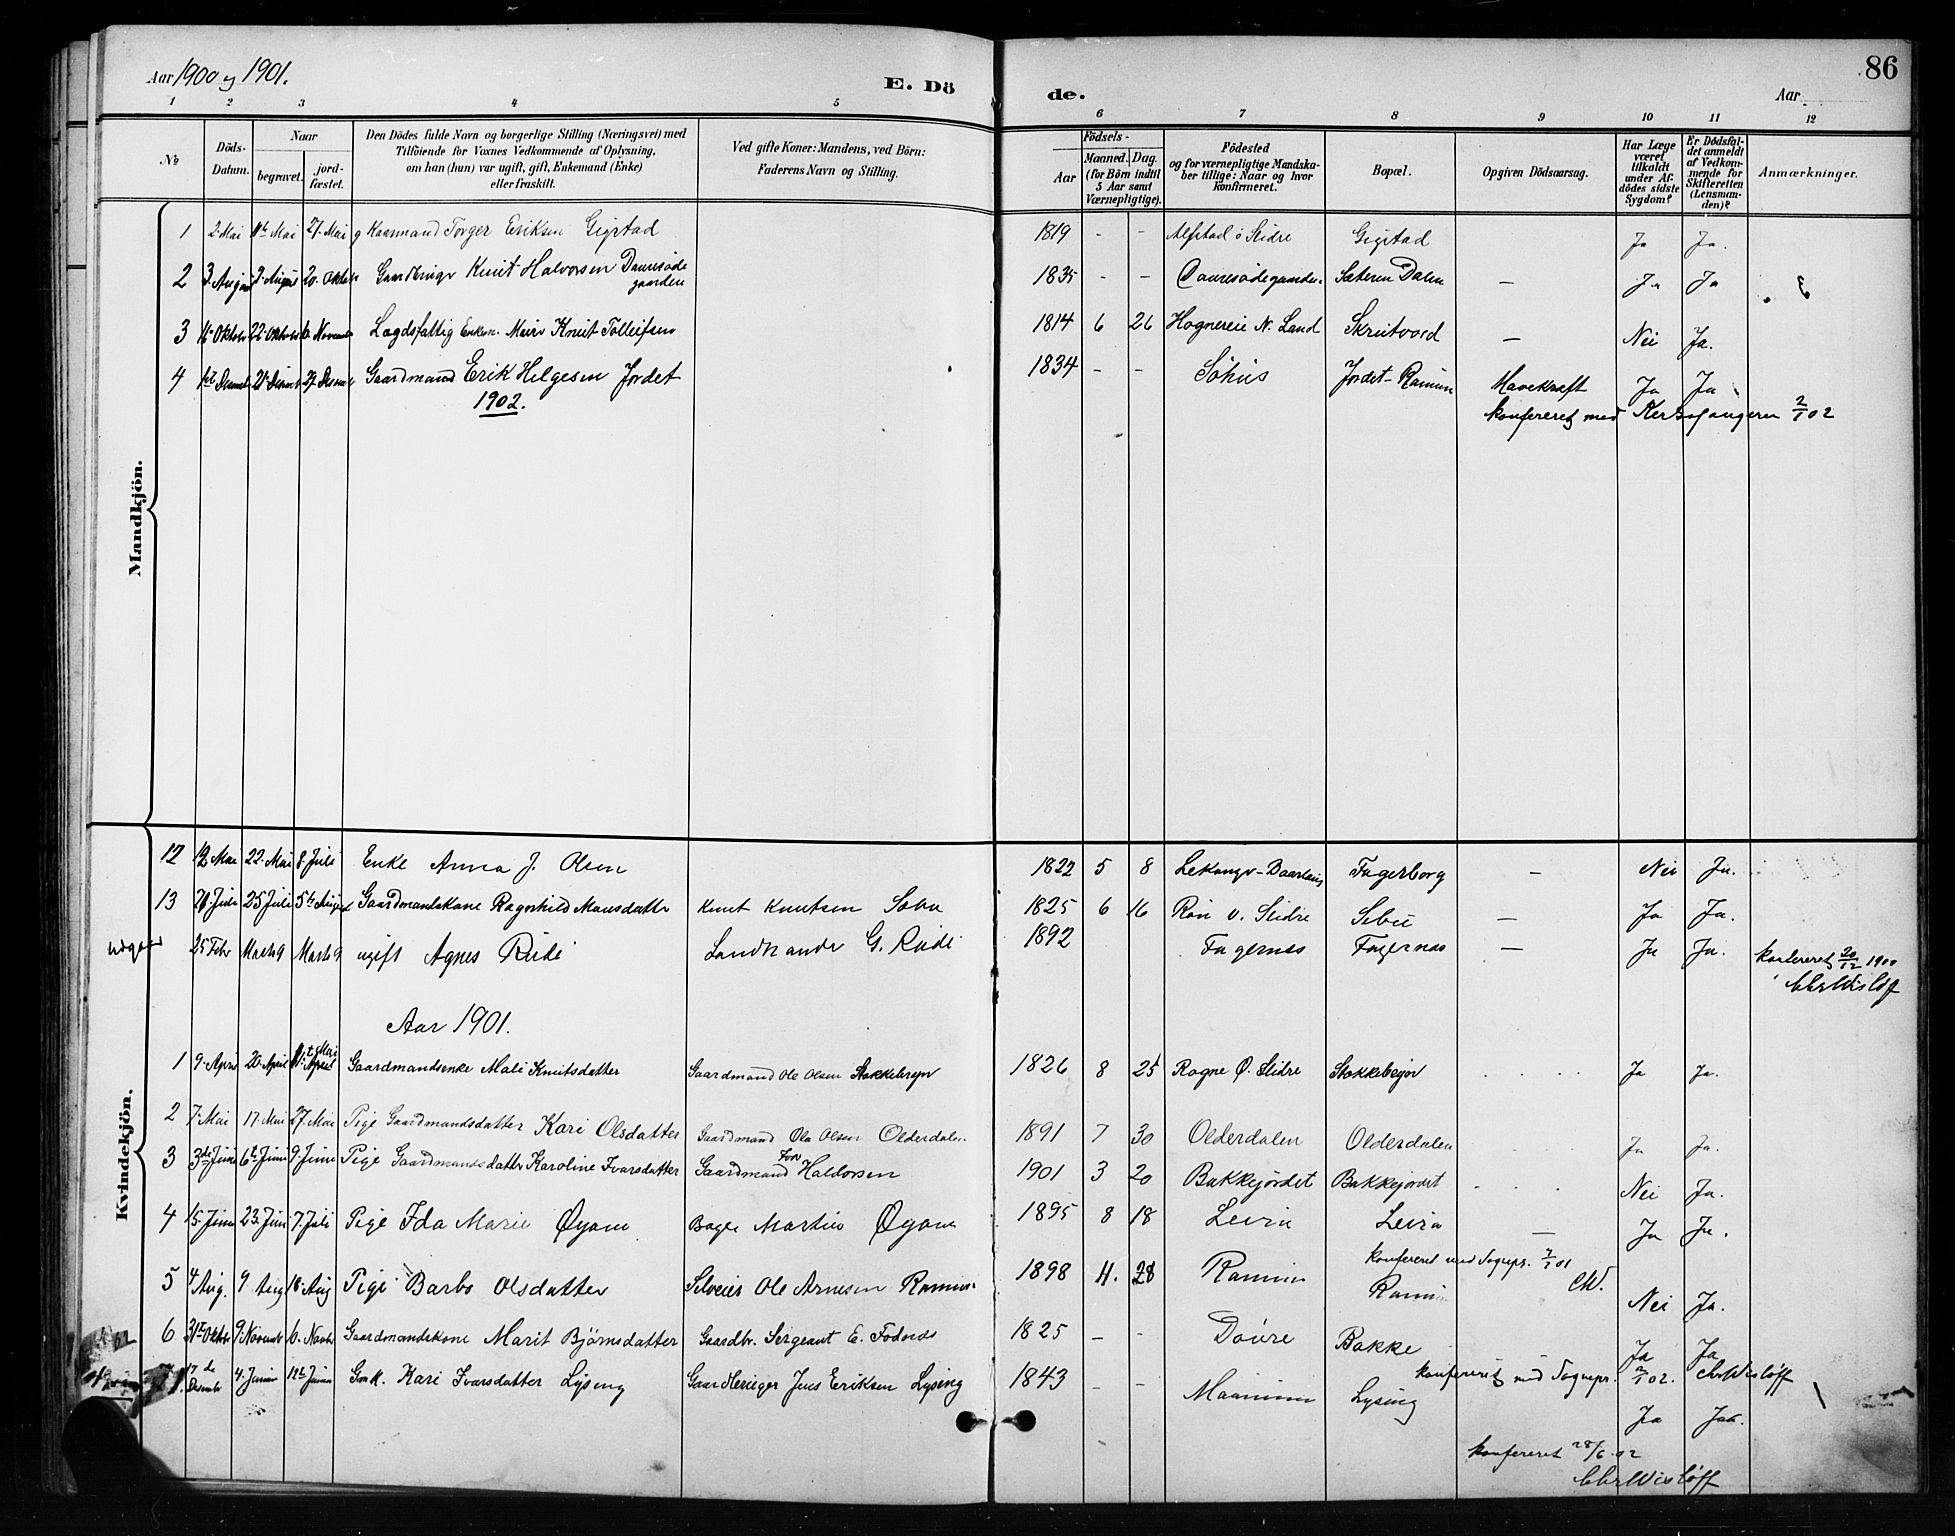 SAH, Nord-Aurdal prestekontor, Klokkerbok nr. 11, 1897-1918, s. 86